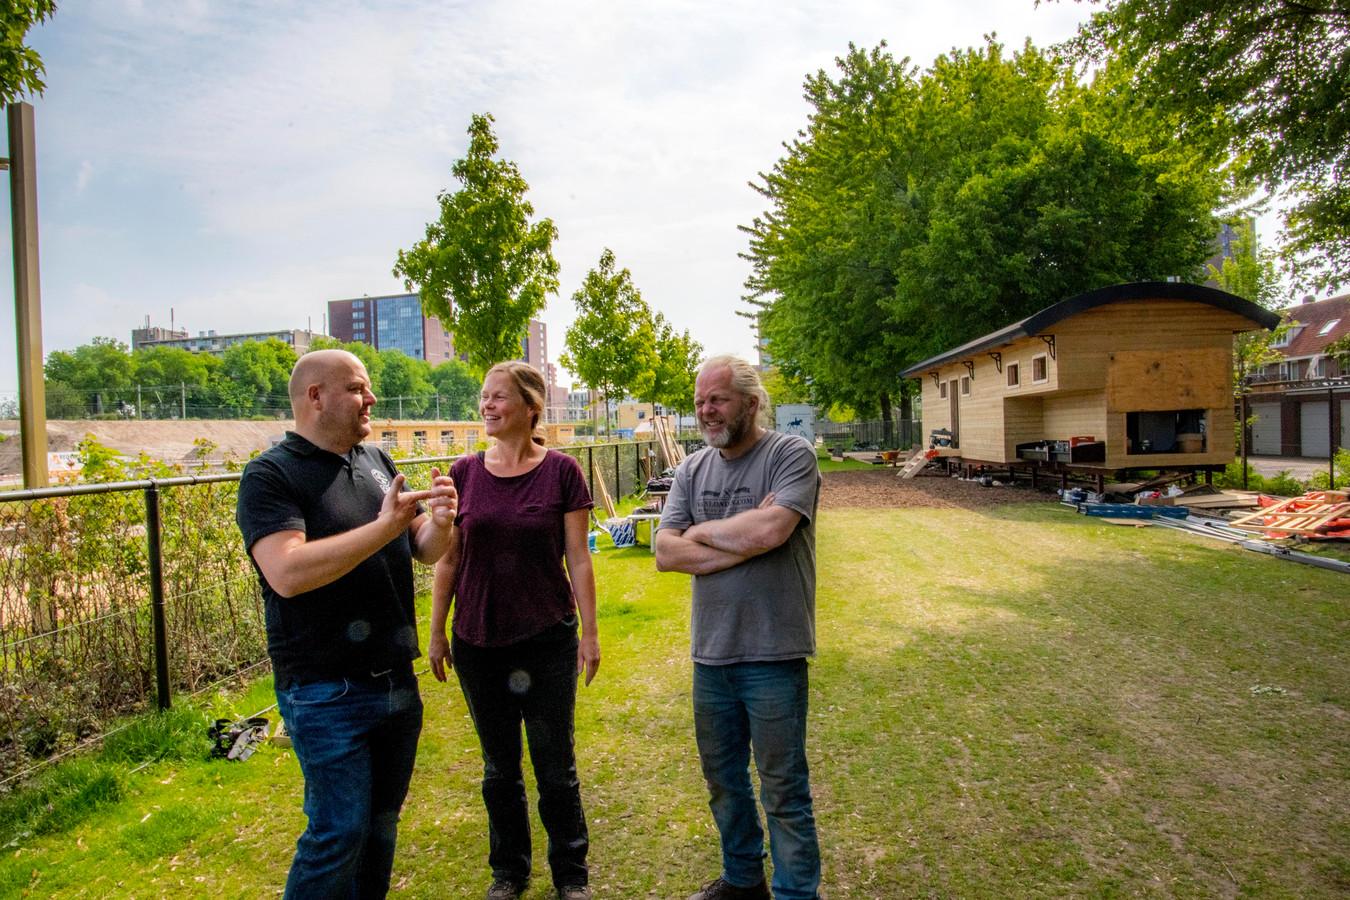 Een mijlpaal: de Stadscamping heeft eindelijk een vaste stek. Brigitte Blanken legde samen met Eric Steur (links) en Erik van Gool de fundamenten.